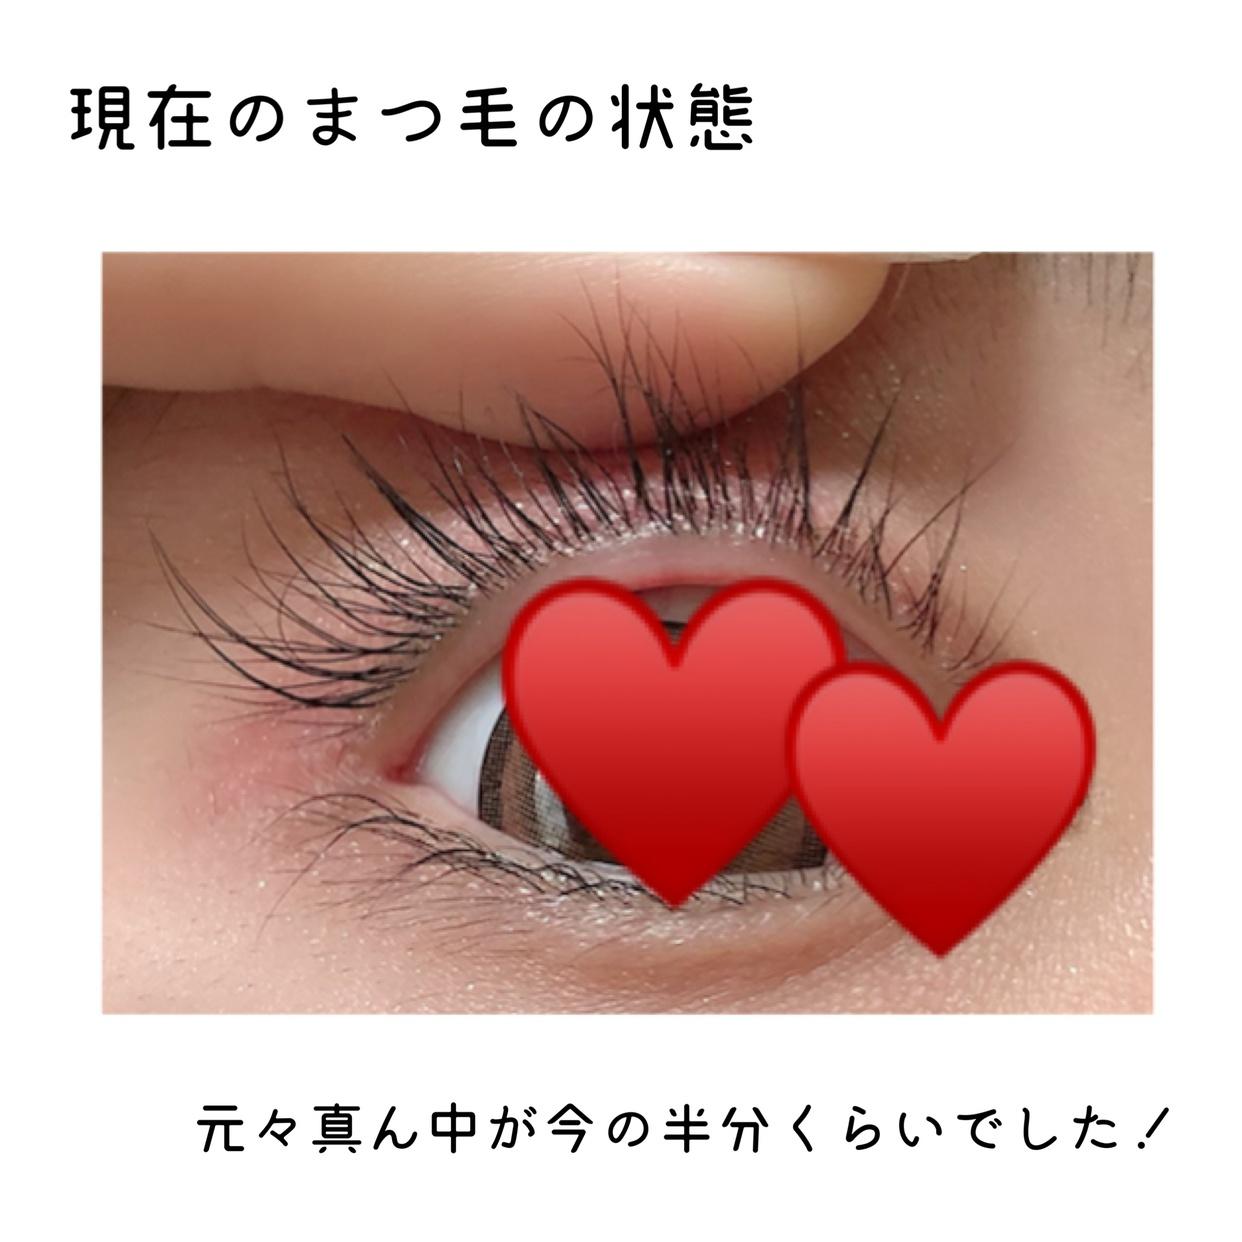 水橋保寿堂製薬 EMAKED(エマーキット)の良い点・メリットに関するぴょんさんの口コミ画像3